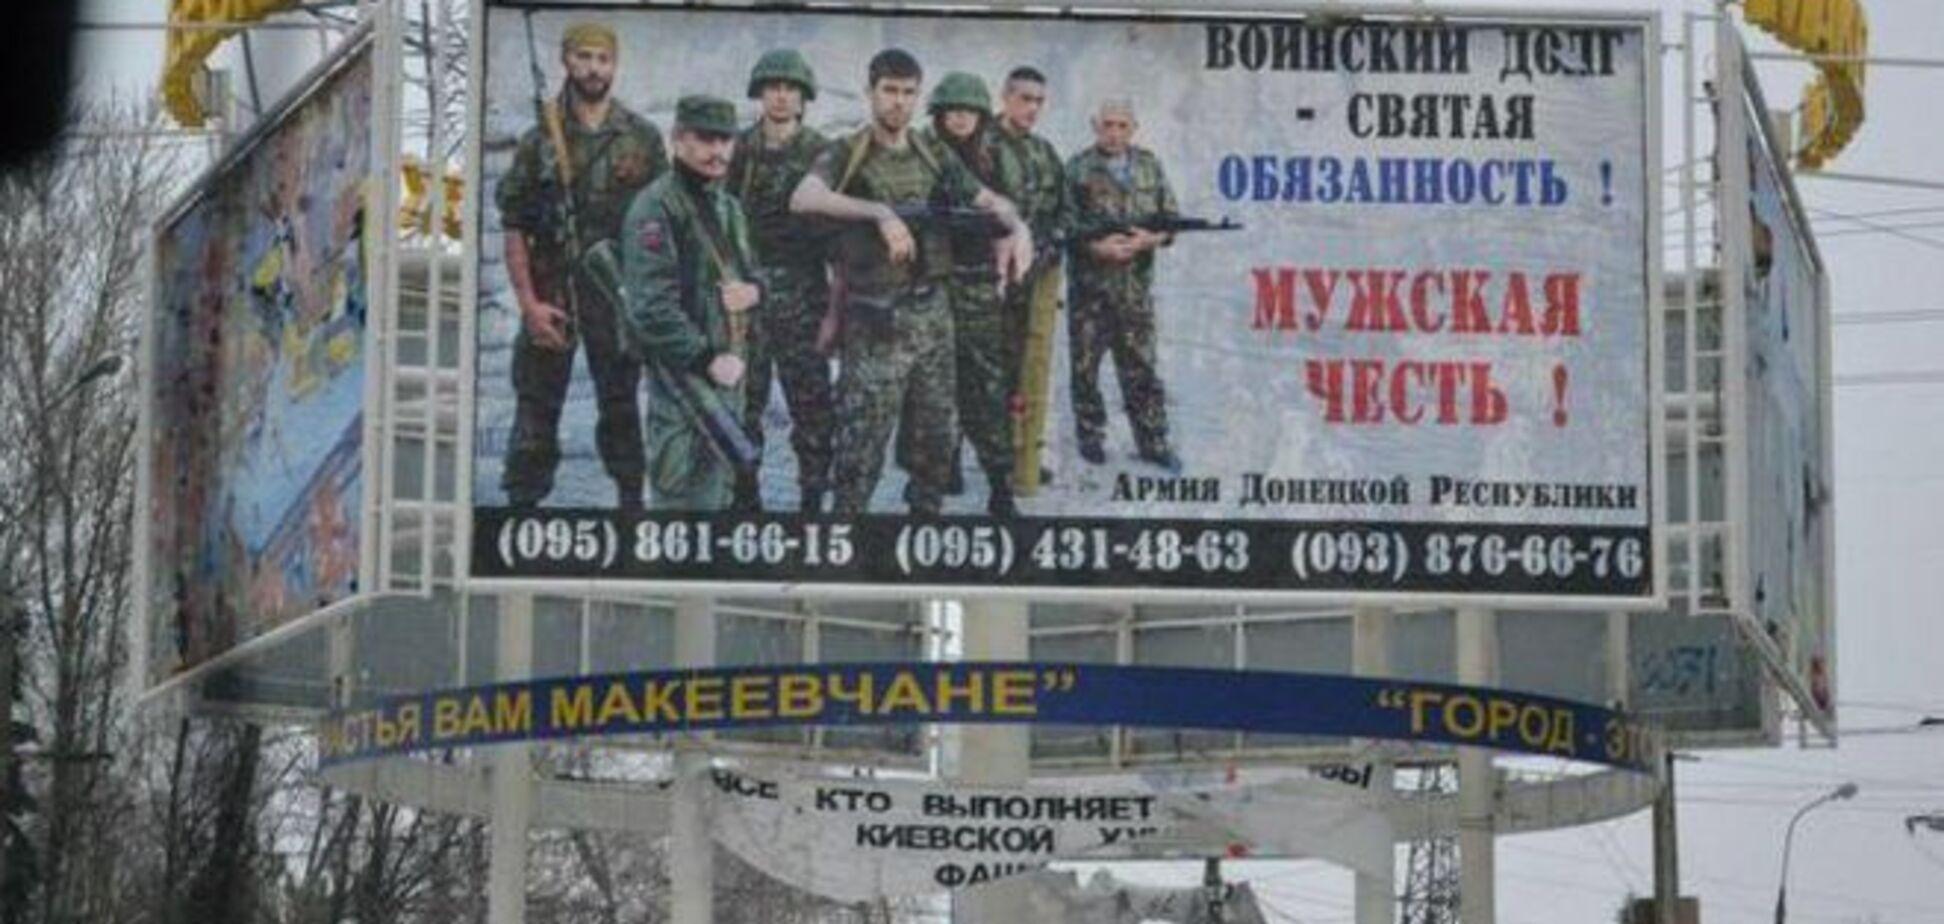 Бойовиків 'ДНР' розіграли по телефону: найманця видали за агента 'Правого сектора'